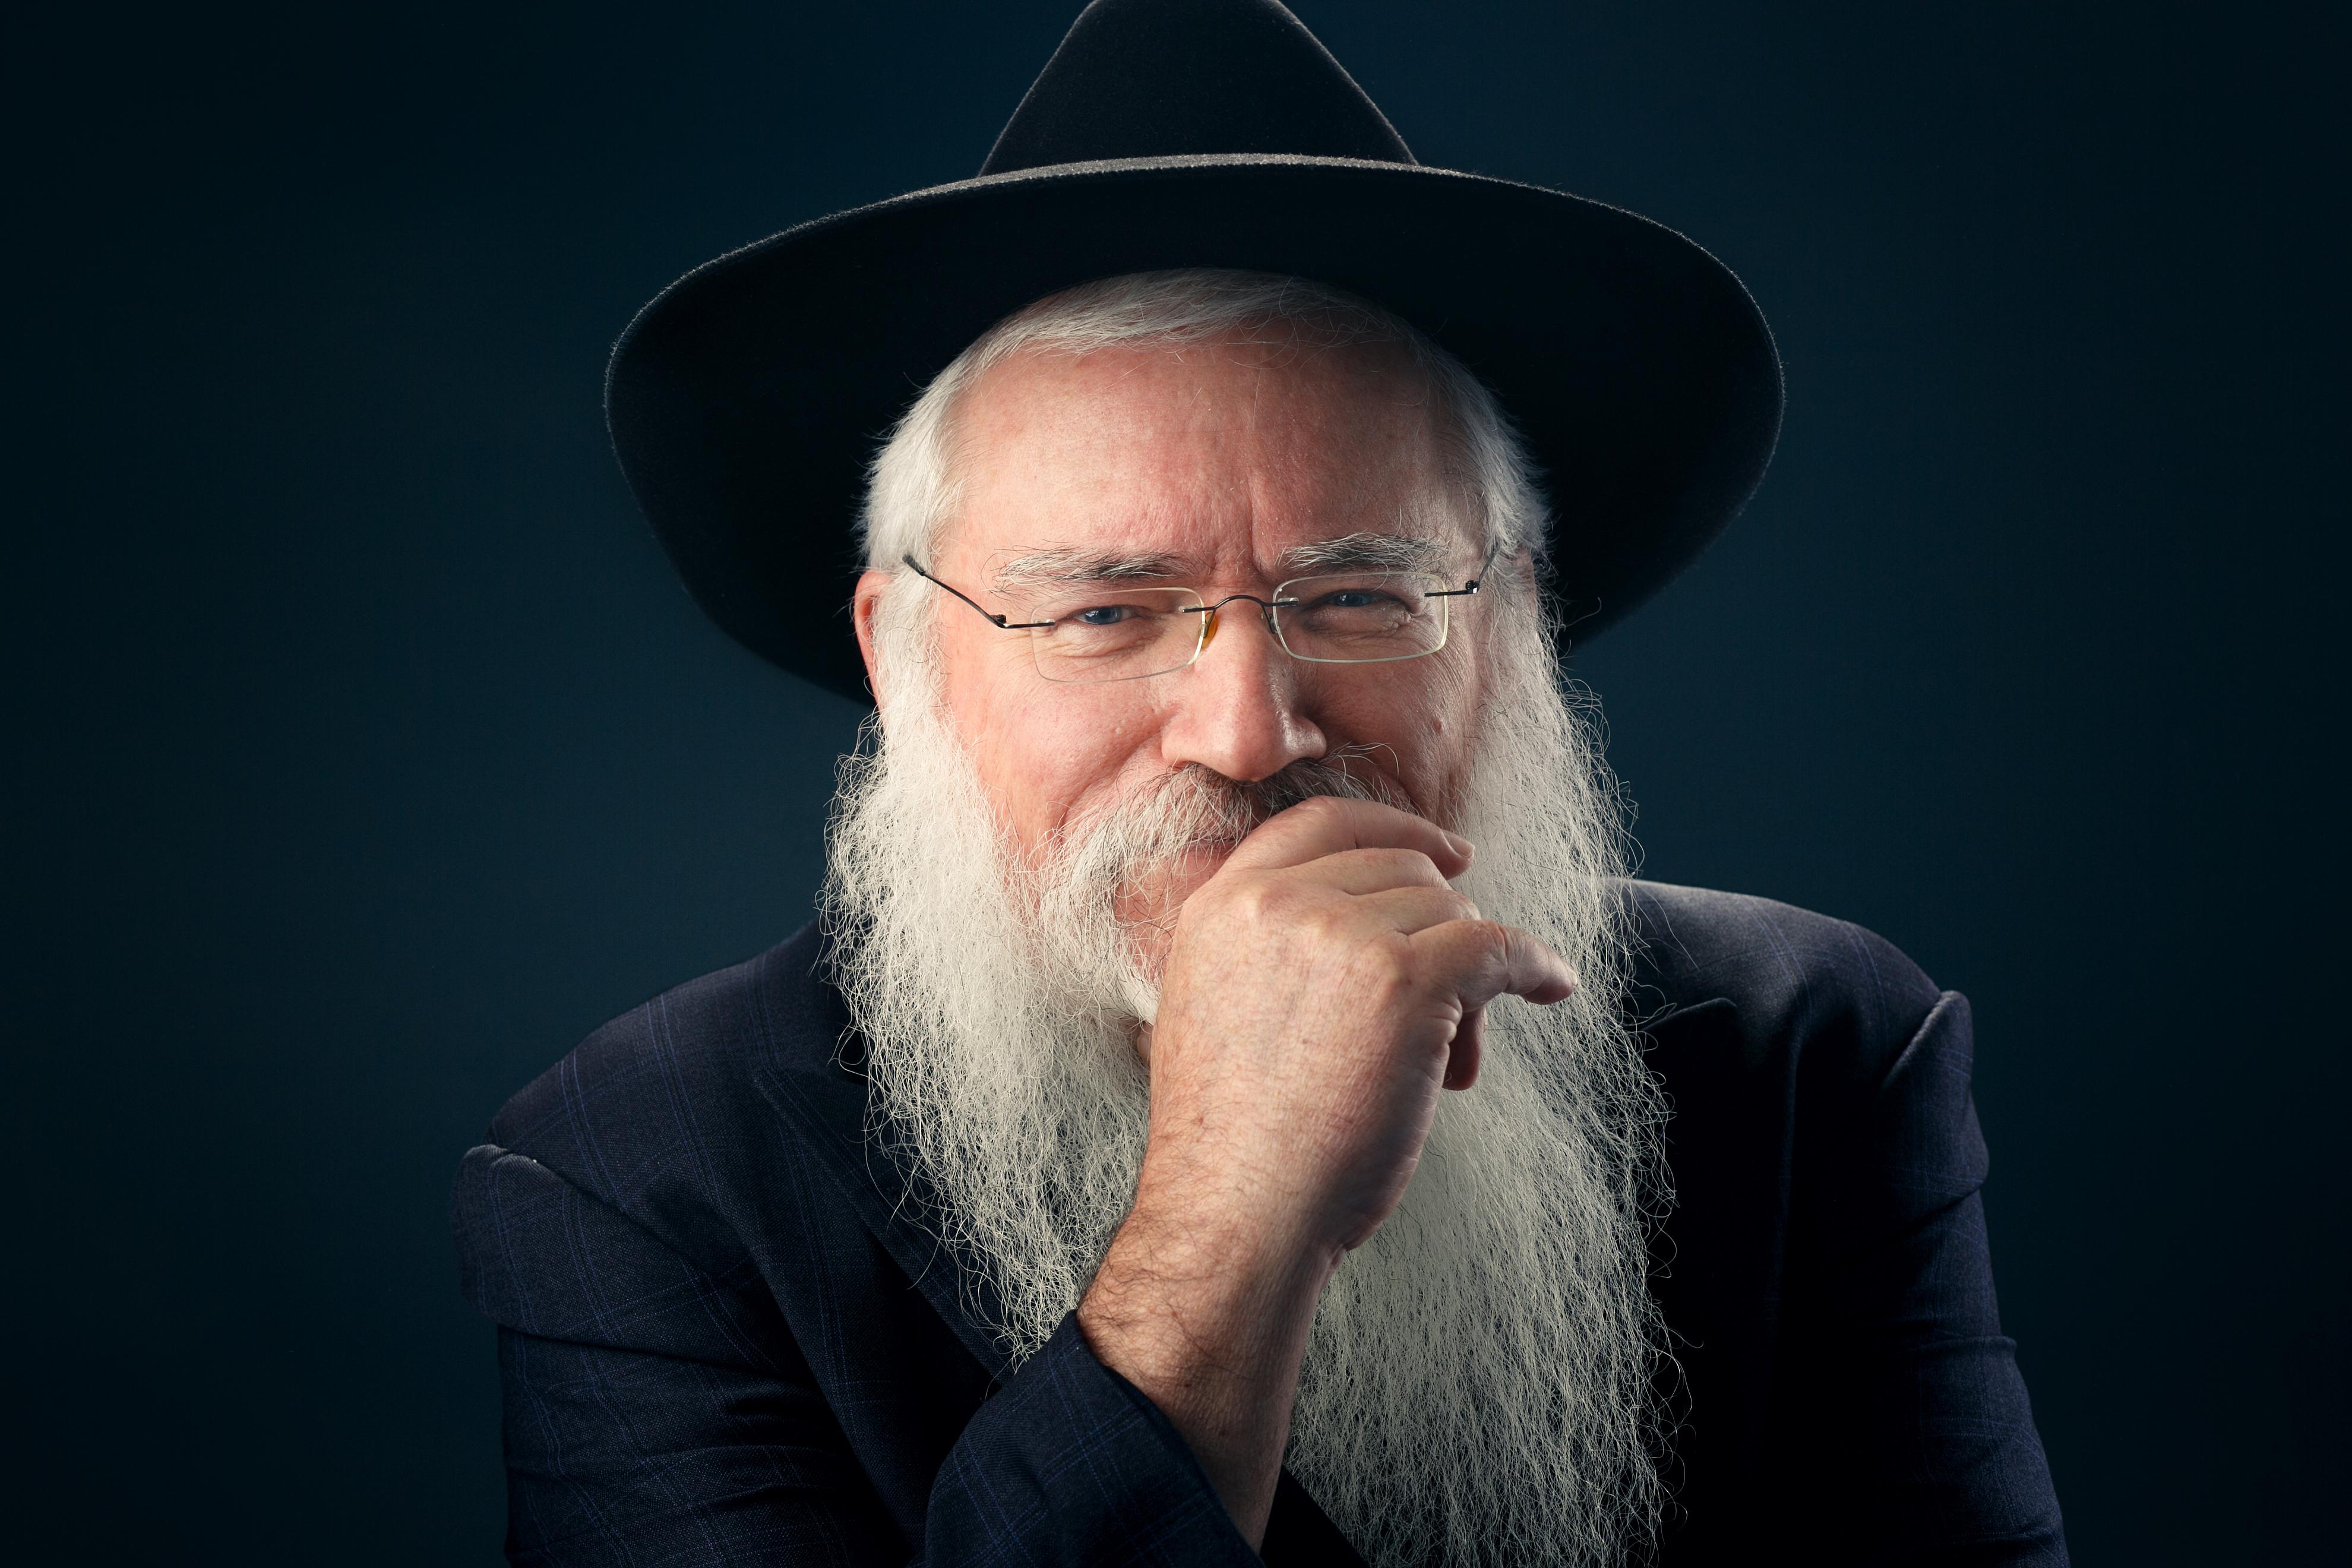 manis friedman, matisyahu goren, the long short way, judaism, spirituality, god